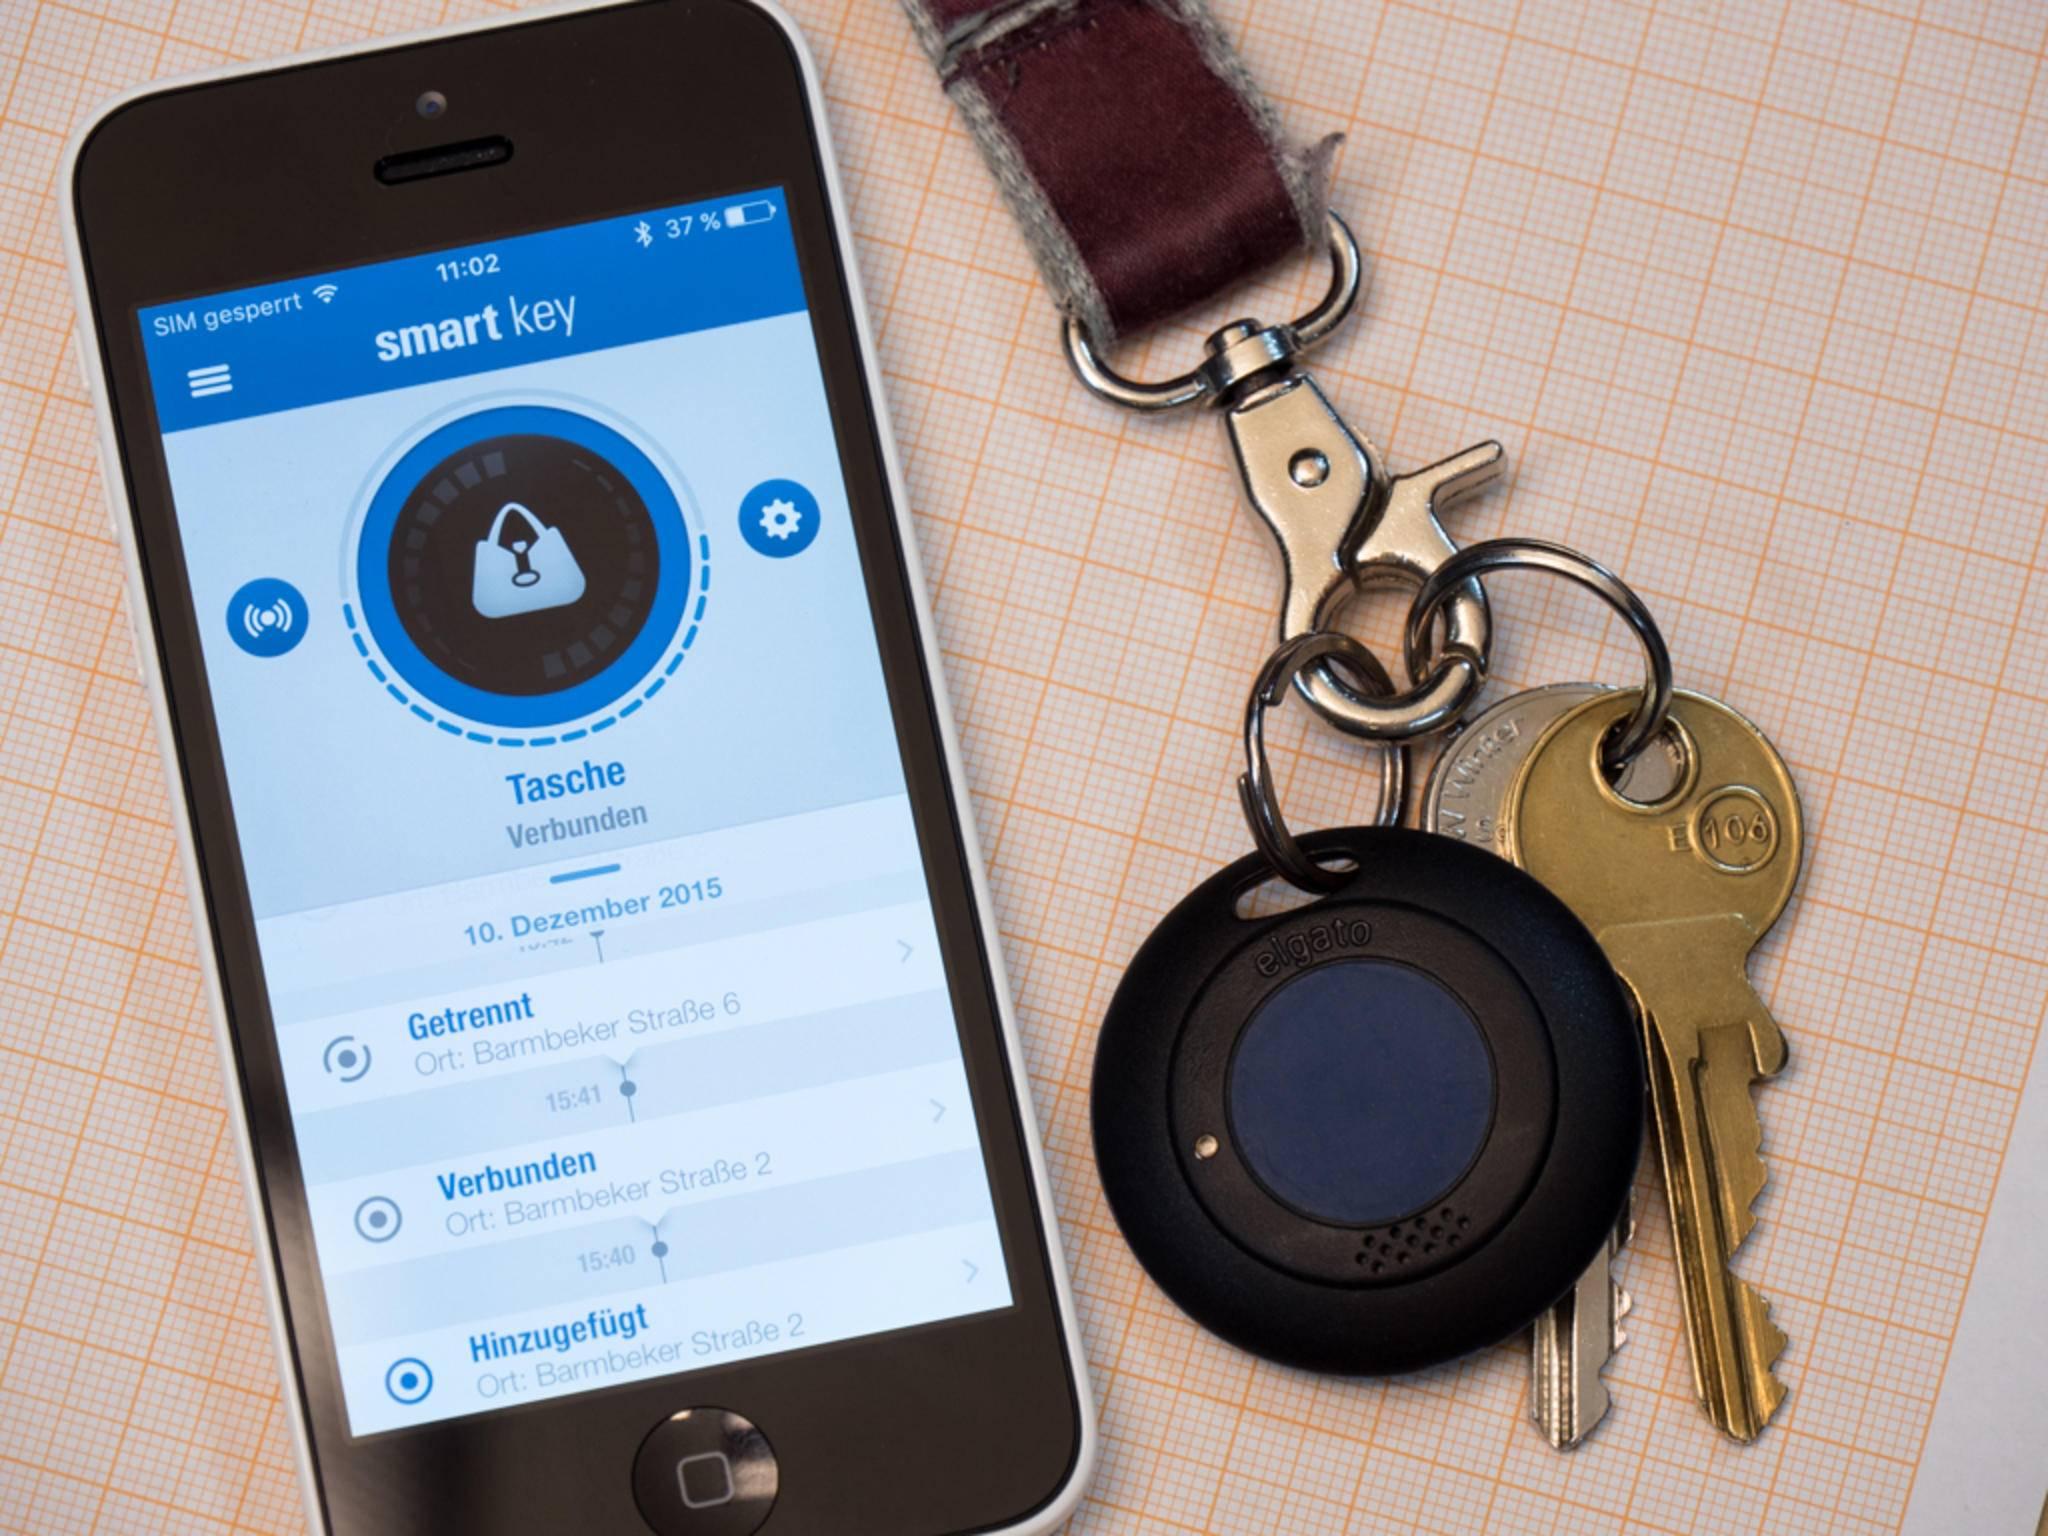 Der Elgato Smart Key wird vom iPhone aus überwacht.